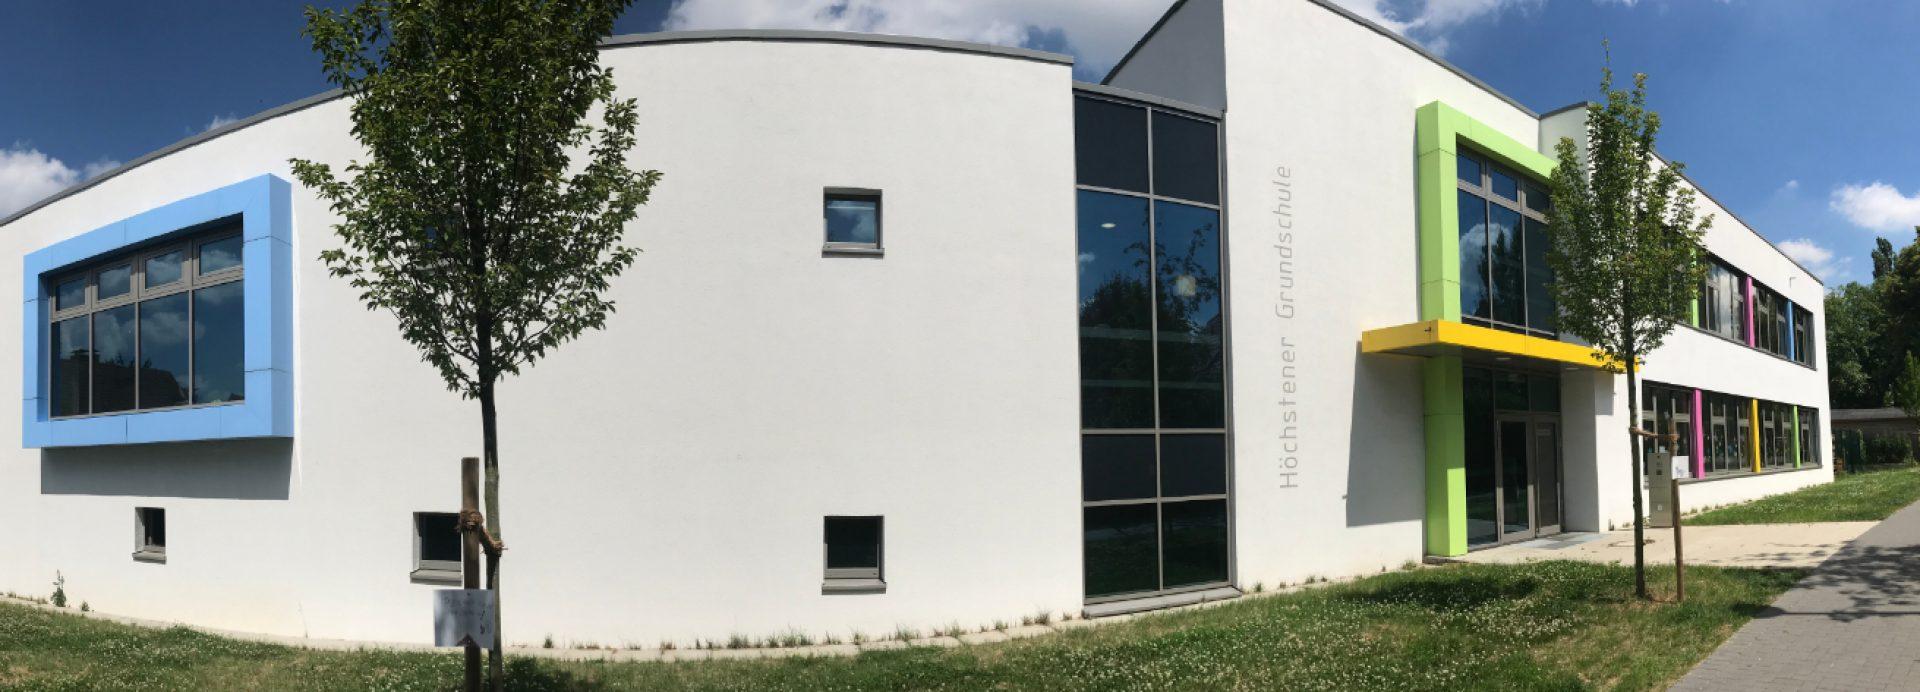 Verein zur Förderung Höchstener Grundschule e.V.